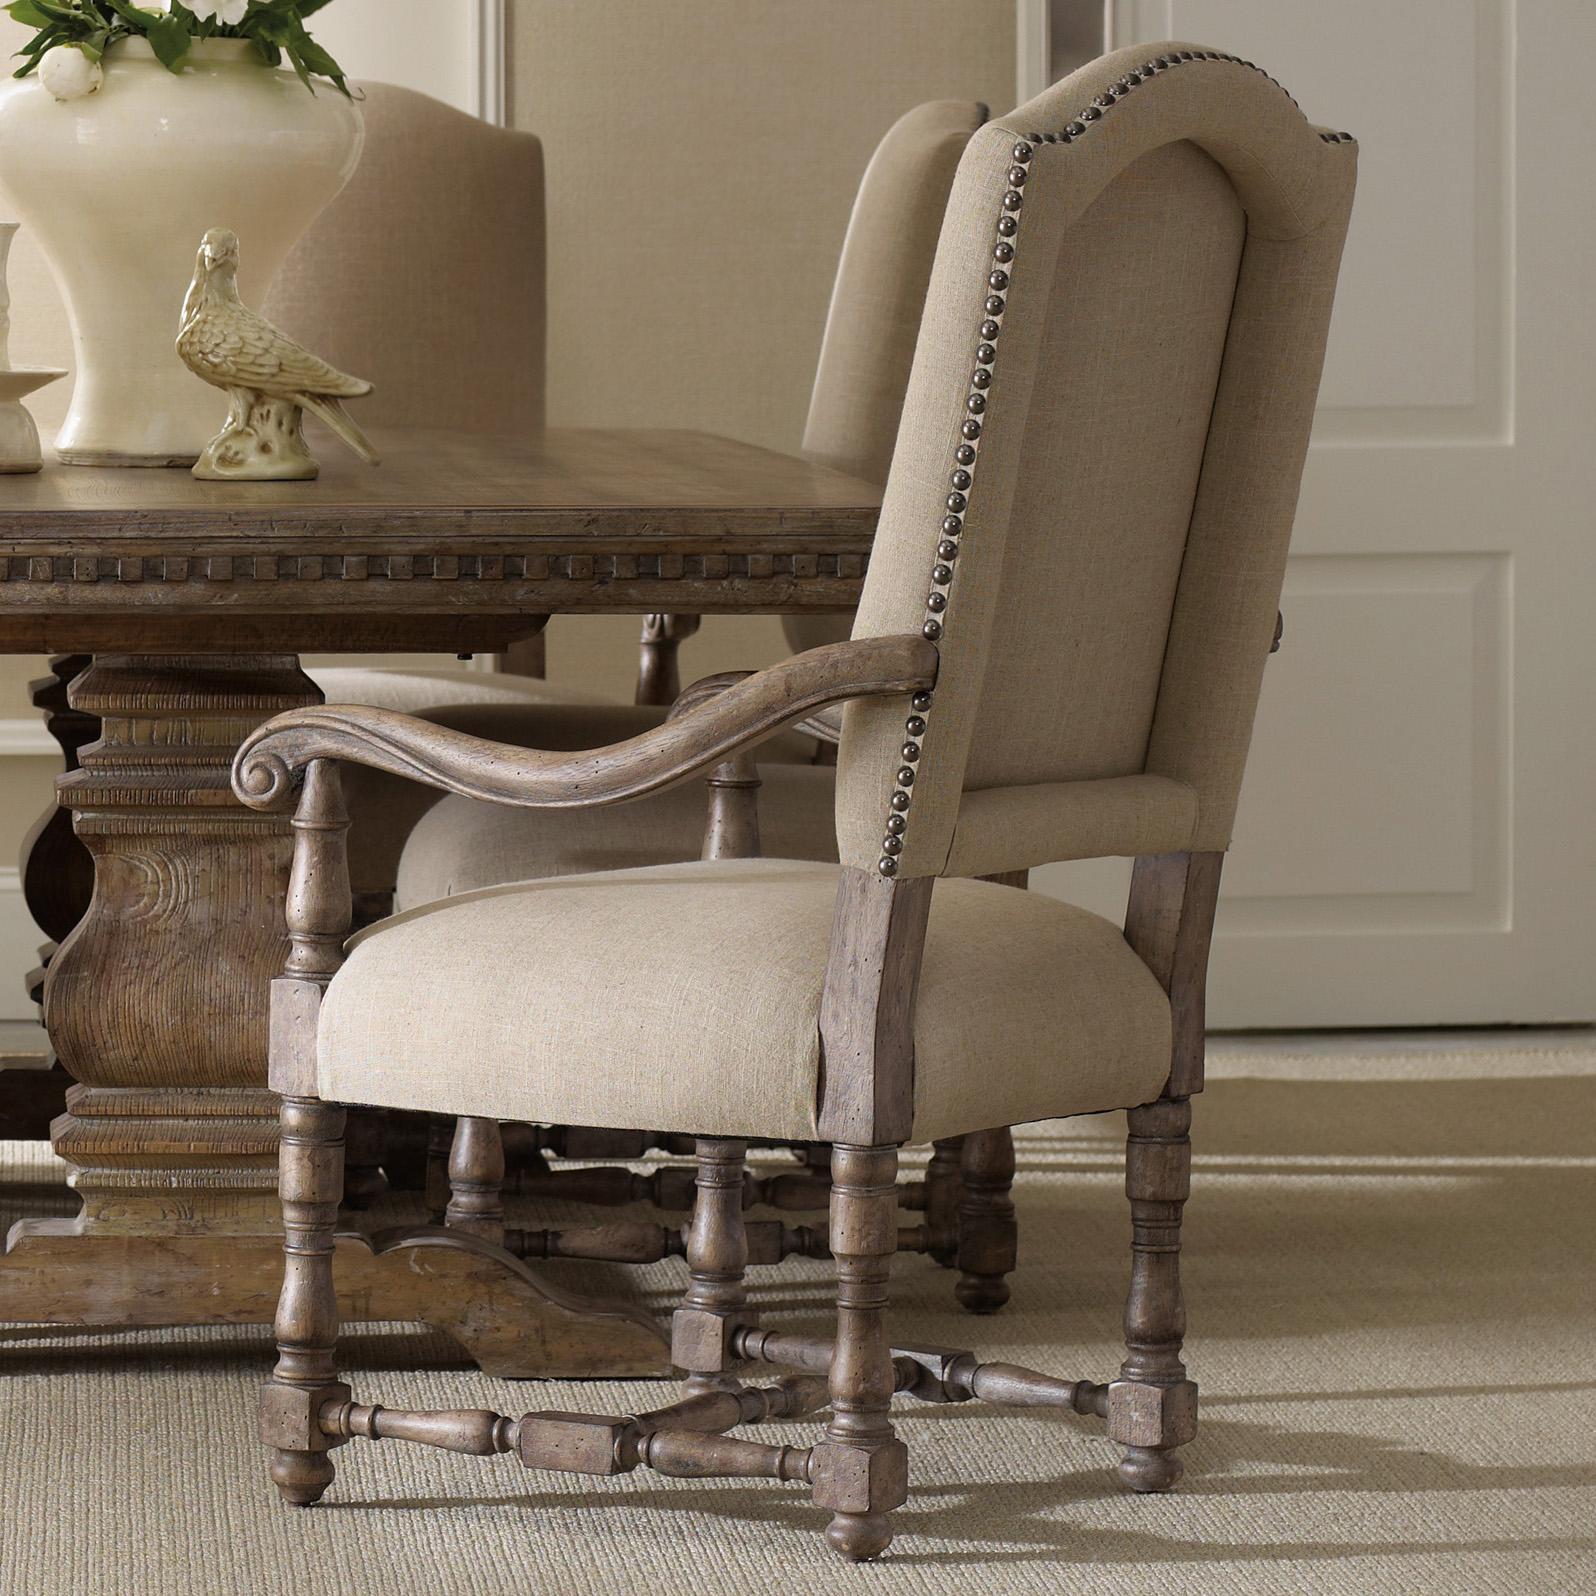 Hooker Furniture Sorella Upholstered Arm Chair - Item Number: 5107-75500